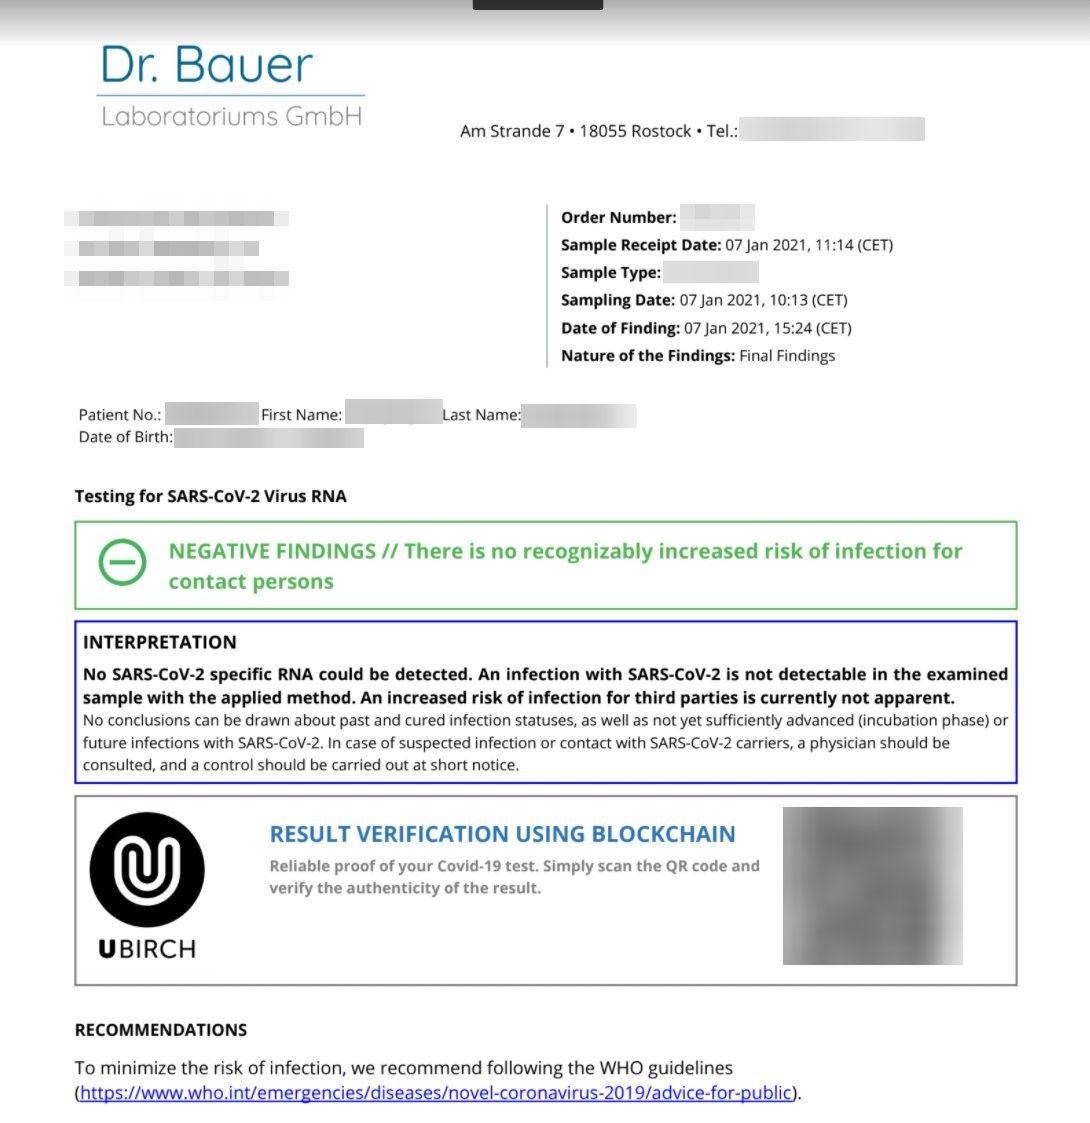 Аэропорт Франкфурта использует решение на базе IOTA для проверки тестов на коронавирус